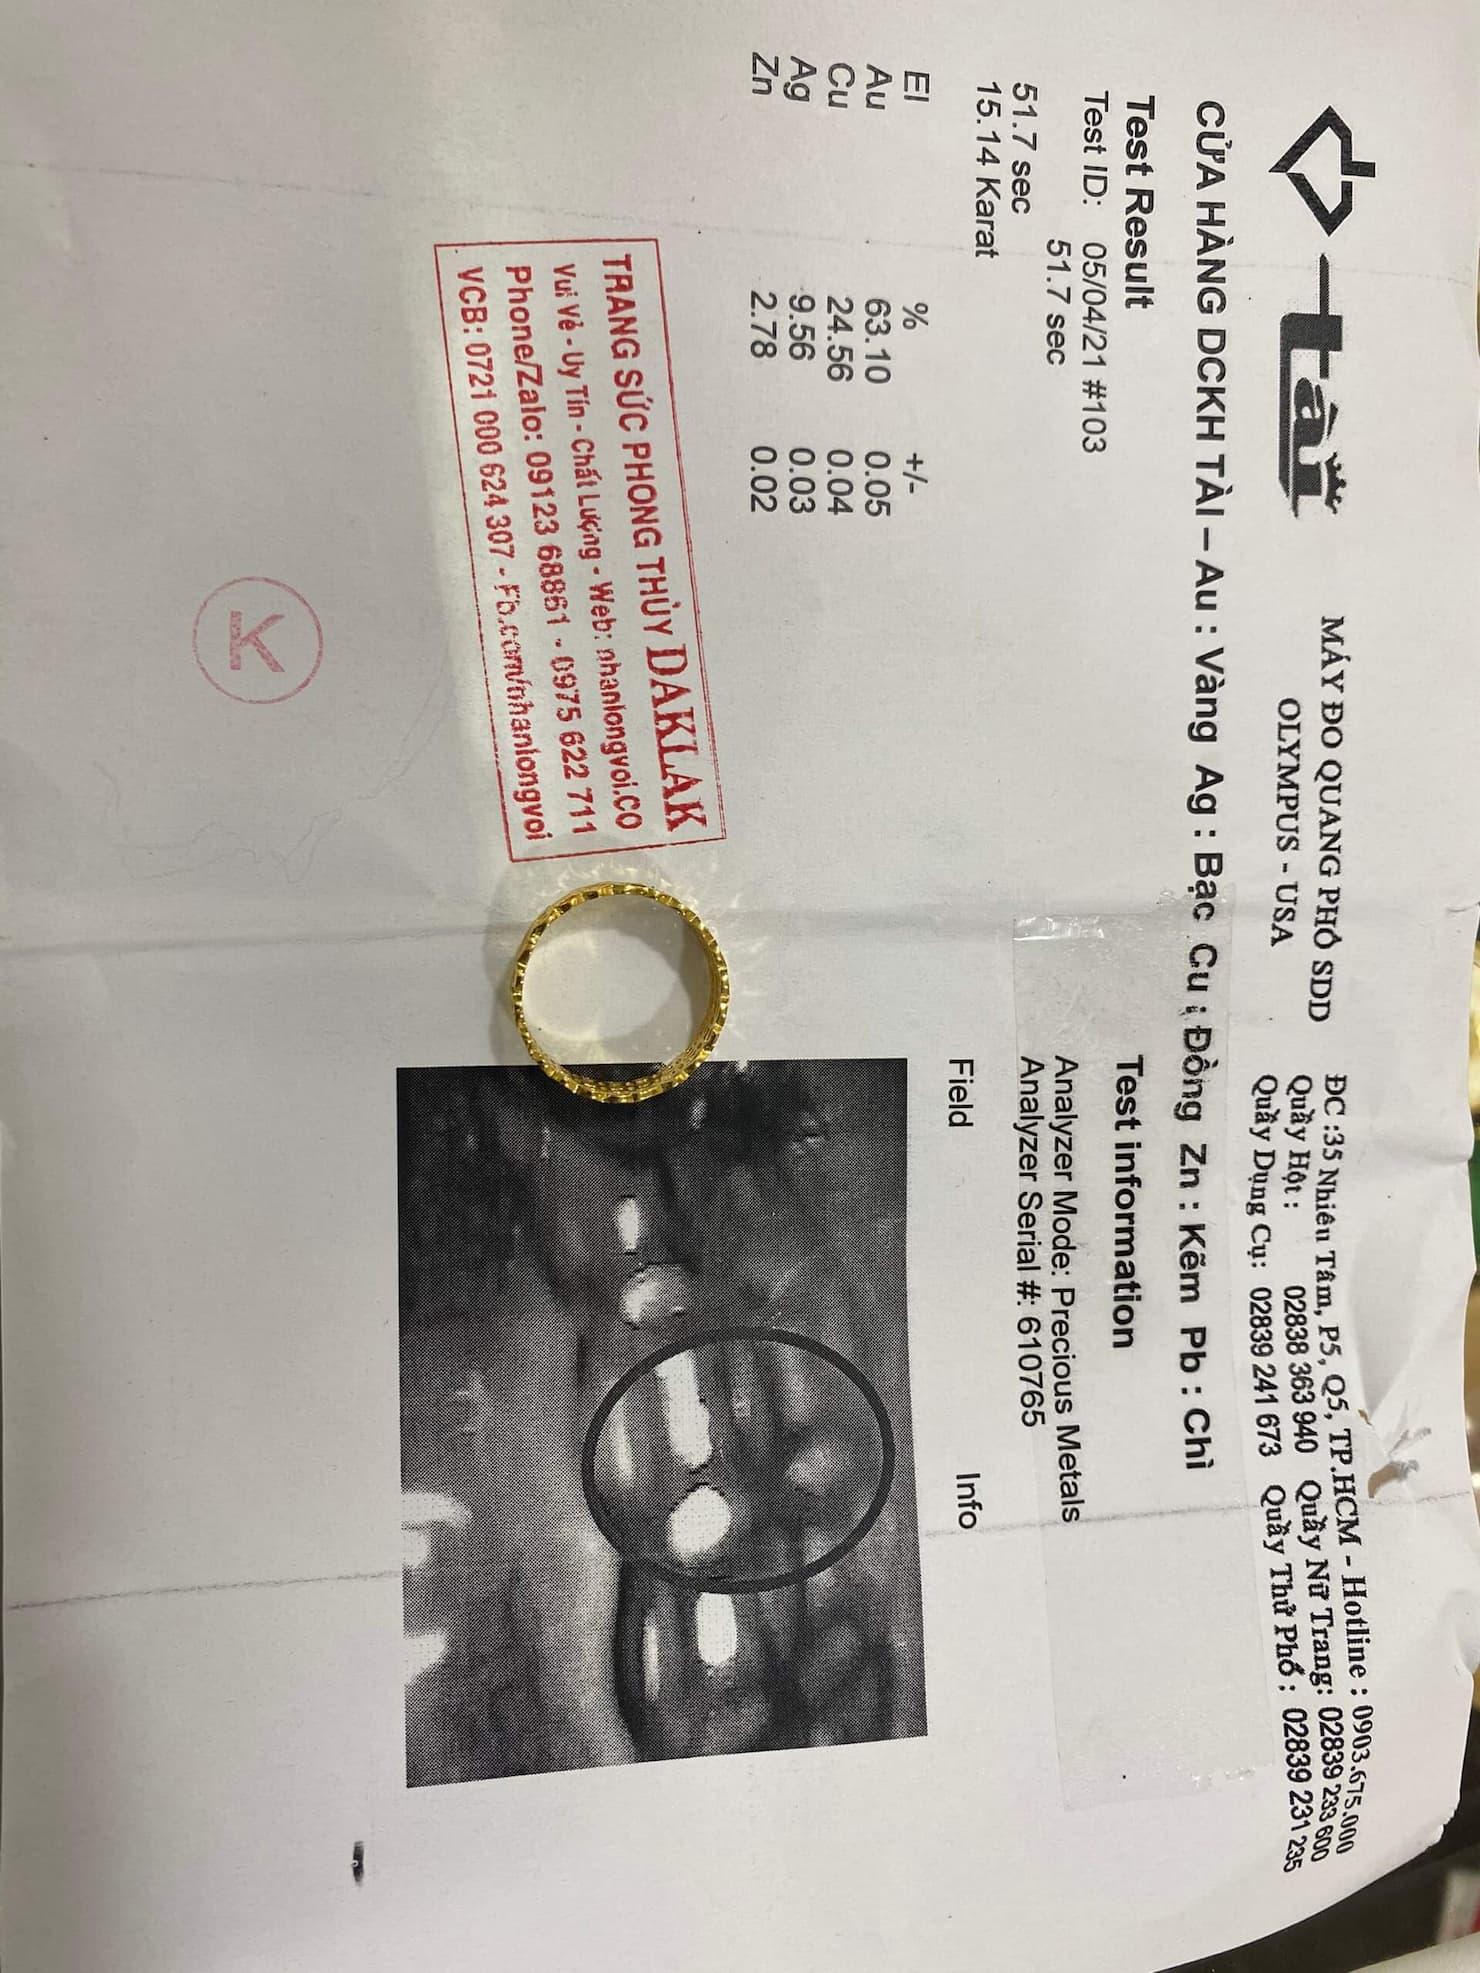 nhẫn kim tiền kép vàng đơn giản